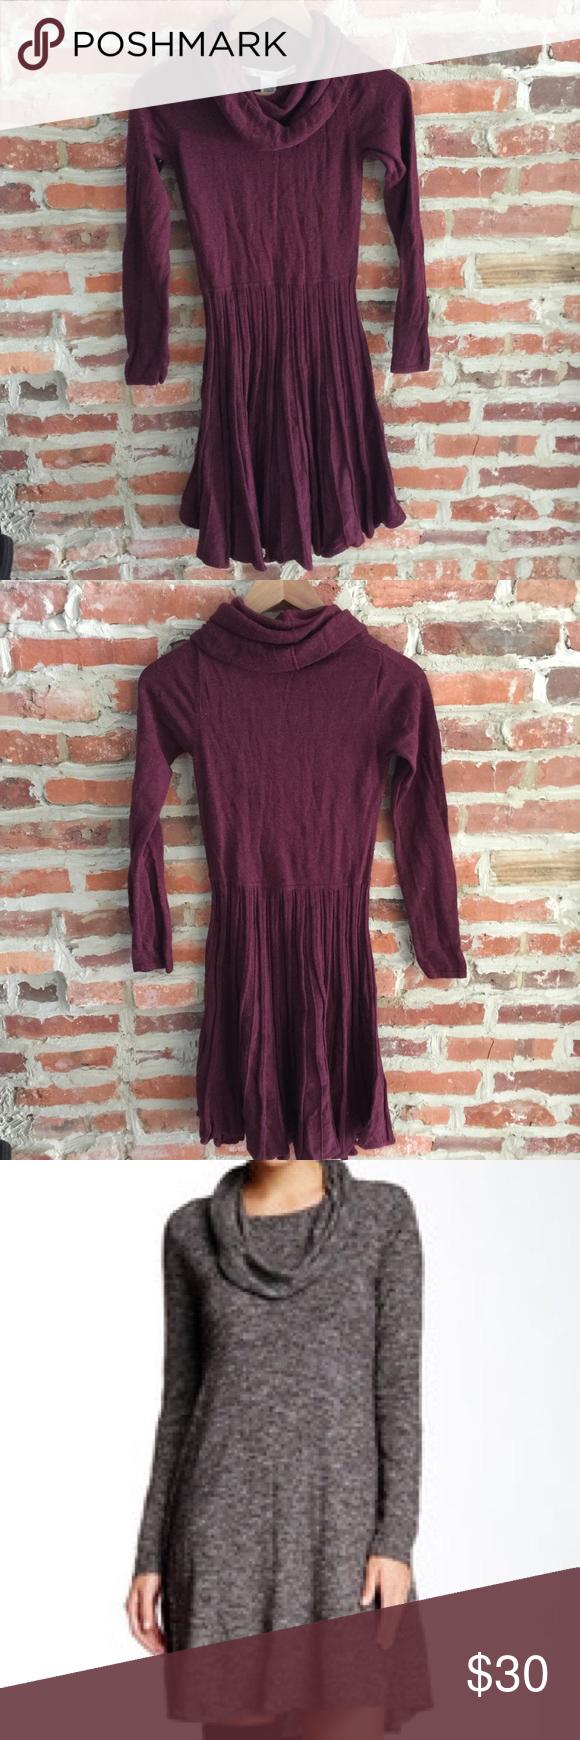 Max Studio Cowl Neck Sweater Dress | Studios, Flats and Colors